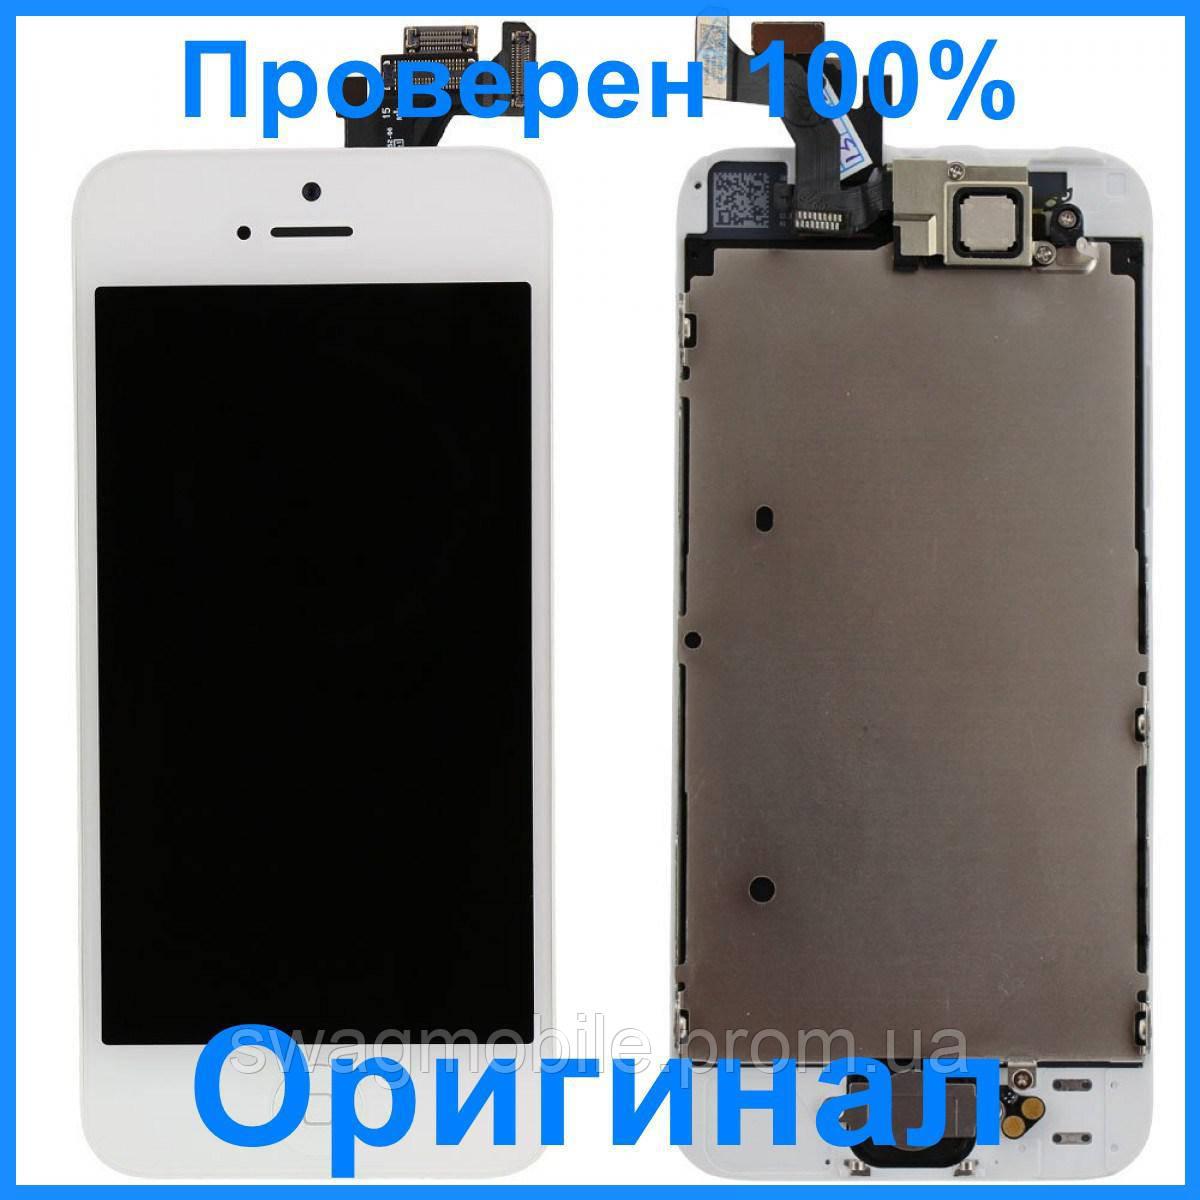 дисплей iphone 5s купить киев